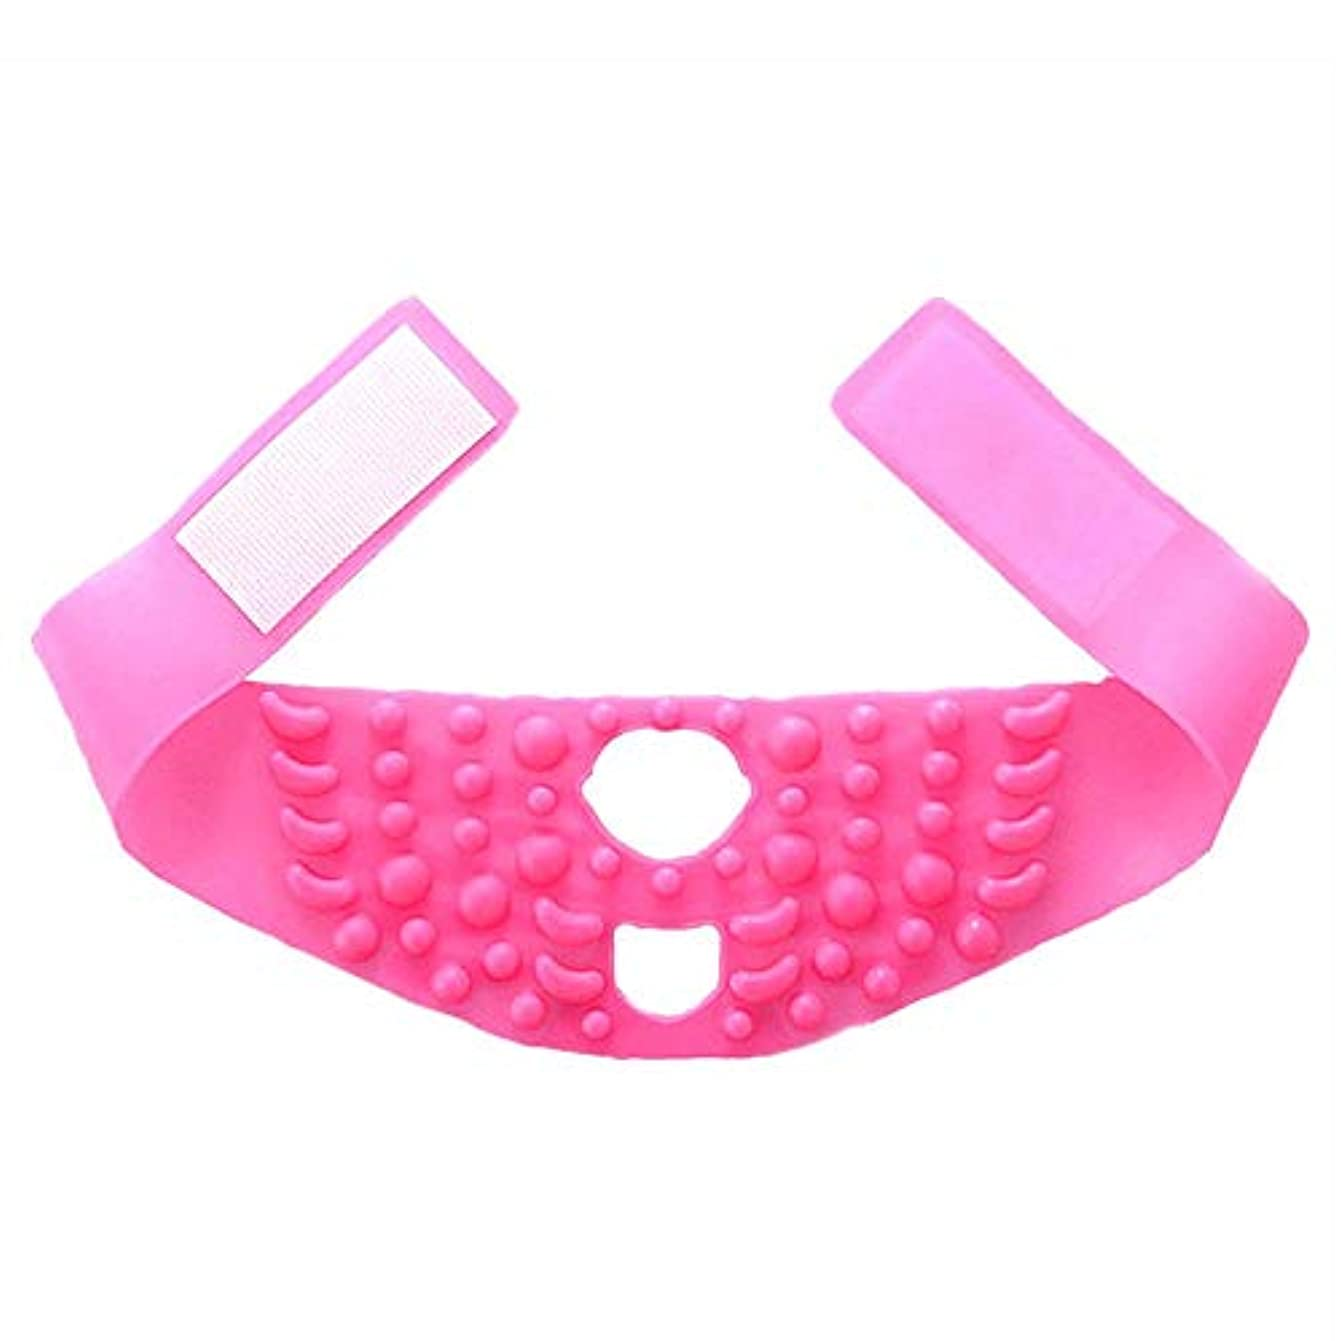 夜苦難しばしばシンフェイスマスクシリコーンマッサージ引き締まった形の小さなVフェイスリフティングに薄いフェイスアーティファクト包帯を飾る - ピンク